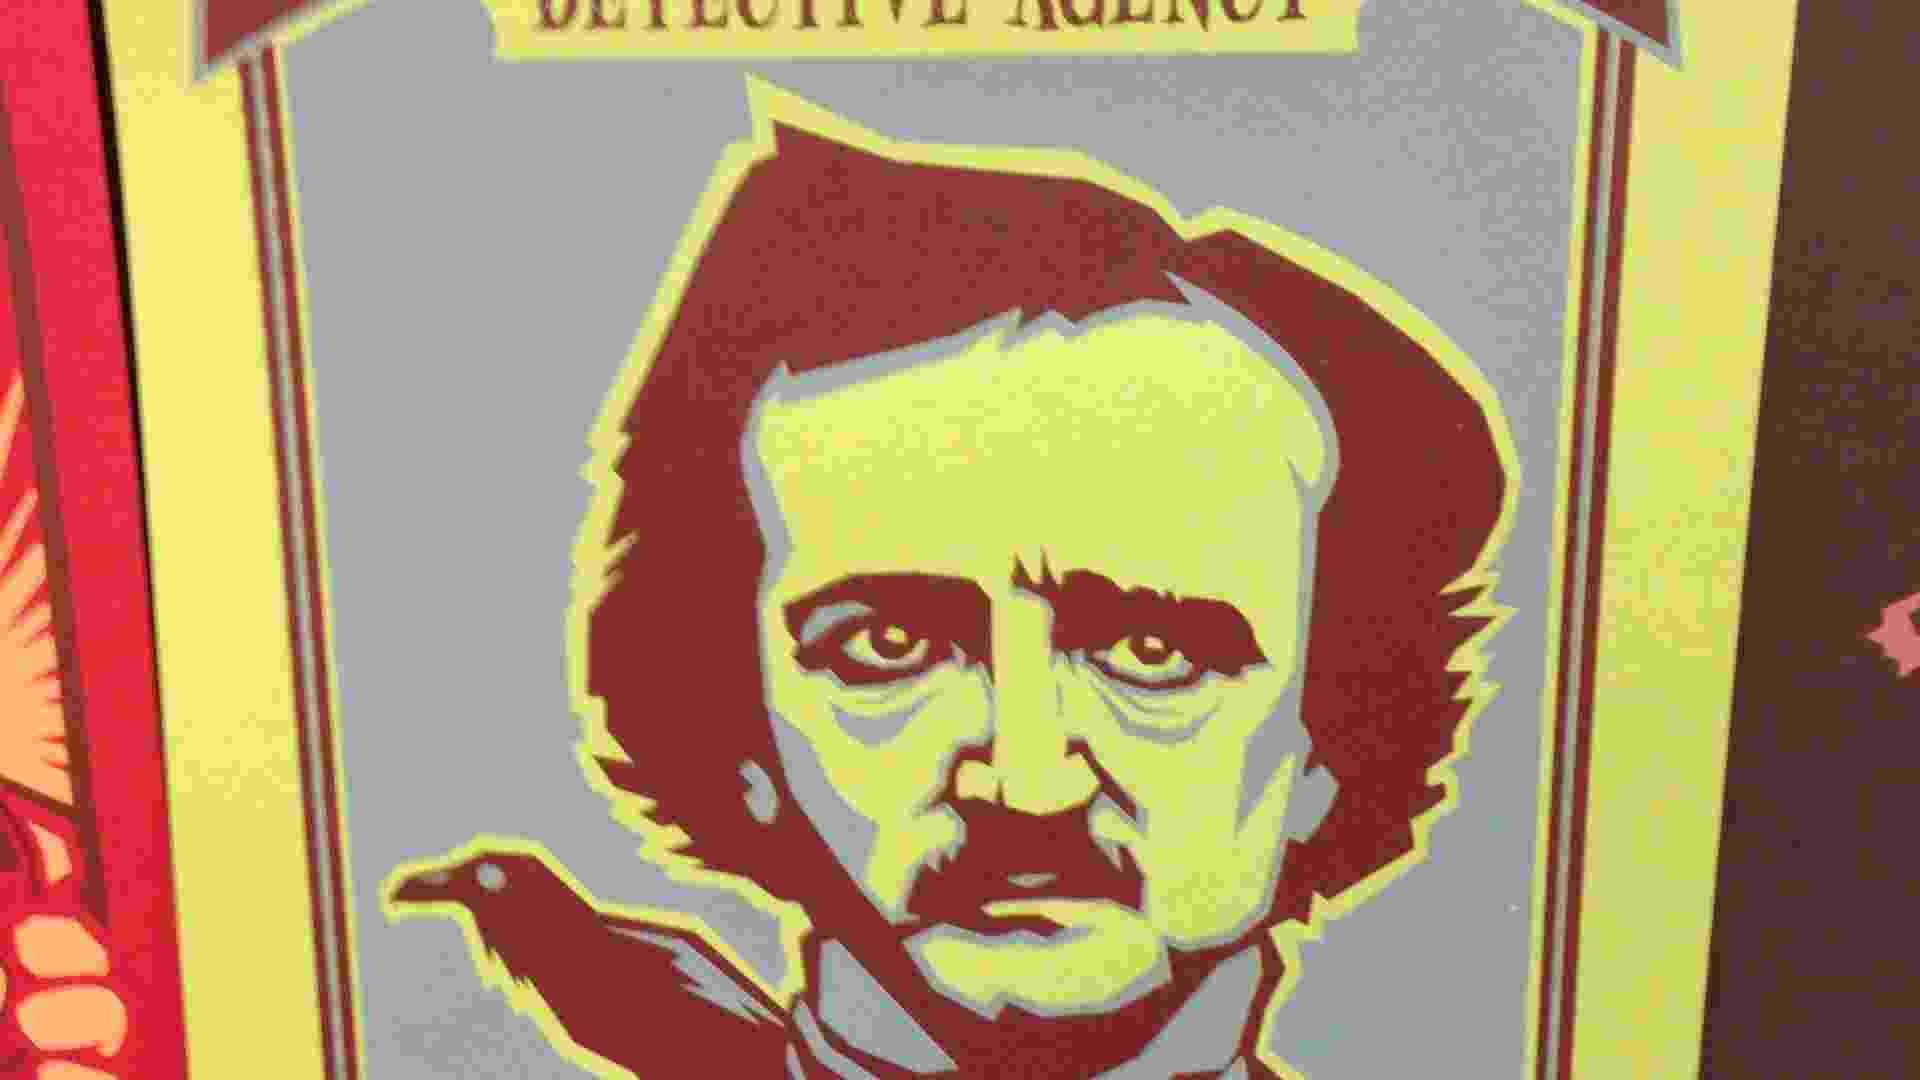 17.jul.2013 - Personagens da história e da literatura viram pôsteres de propagandas fictícias. A agência de detetive do escritor Edgar Allan Poe no pôster do artista Daniel Davis - Natalia Engler/UOL